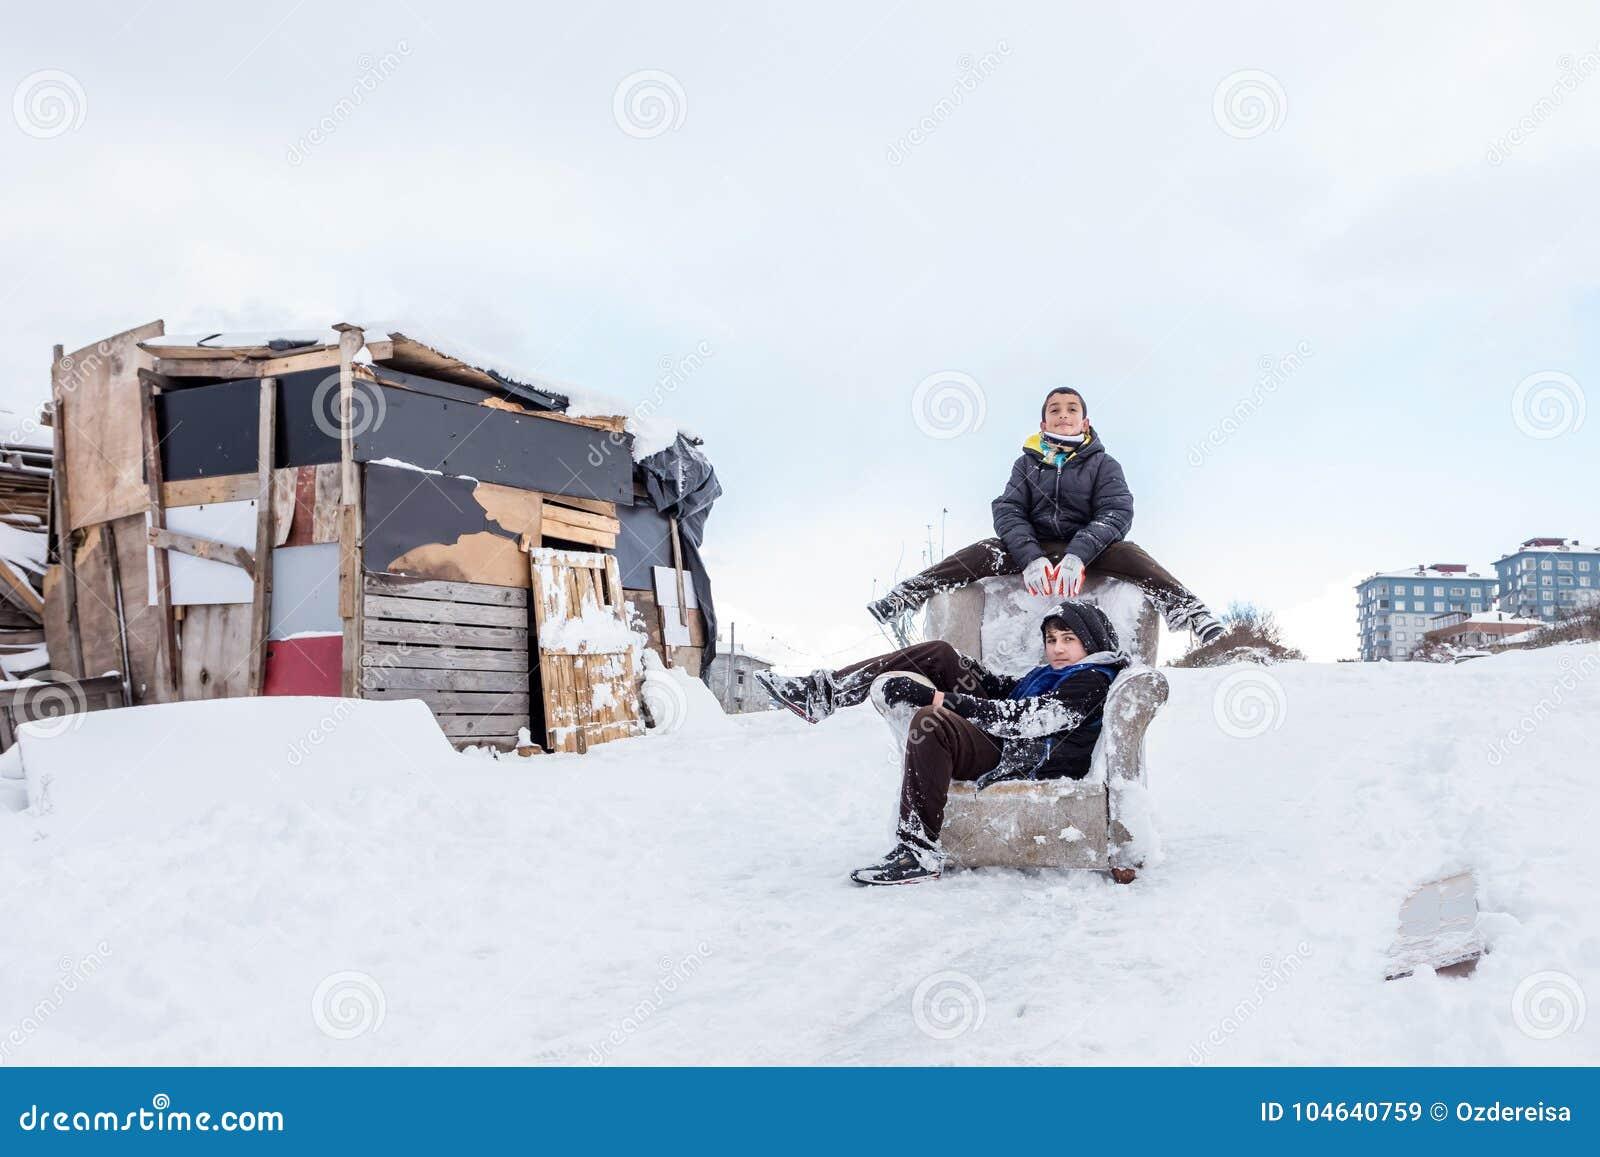 Download De Kinderen Glijden Op Sneeuw In Oude Schoolstijl Met Hardhout Redactionele Stock Afbeelding - Afbeelding bestaande uit kajak, park: 104640759